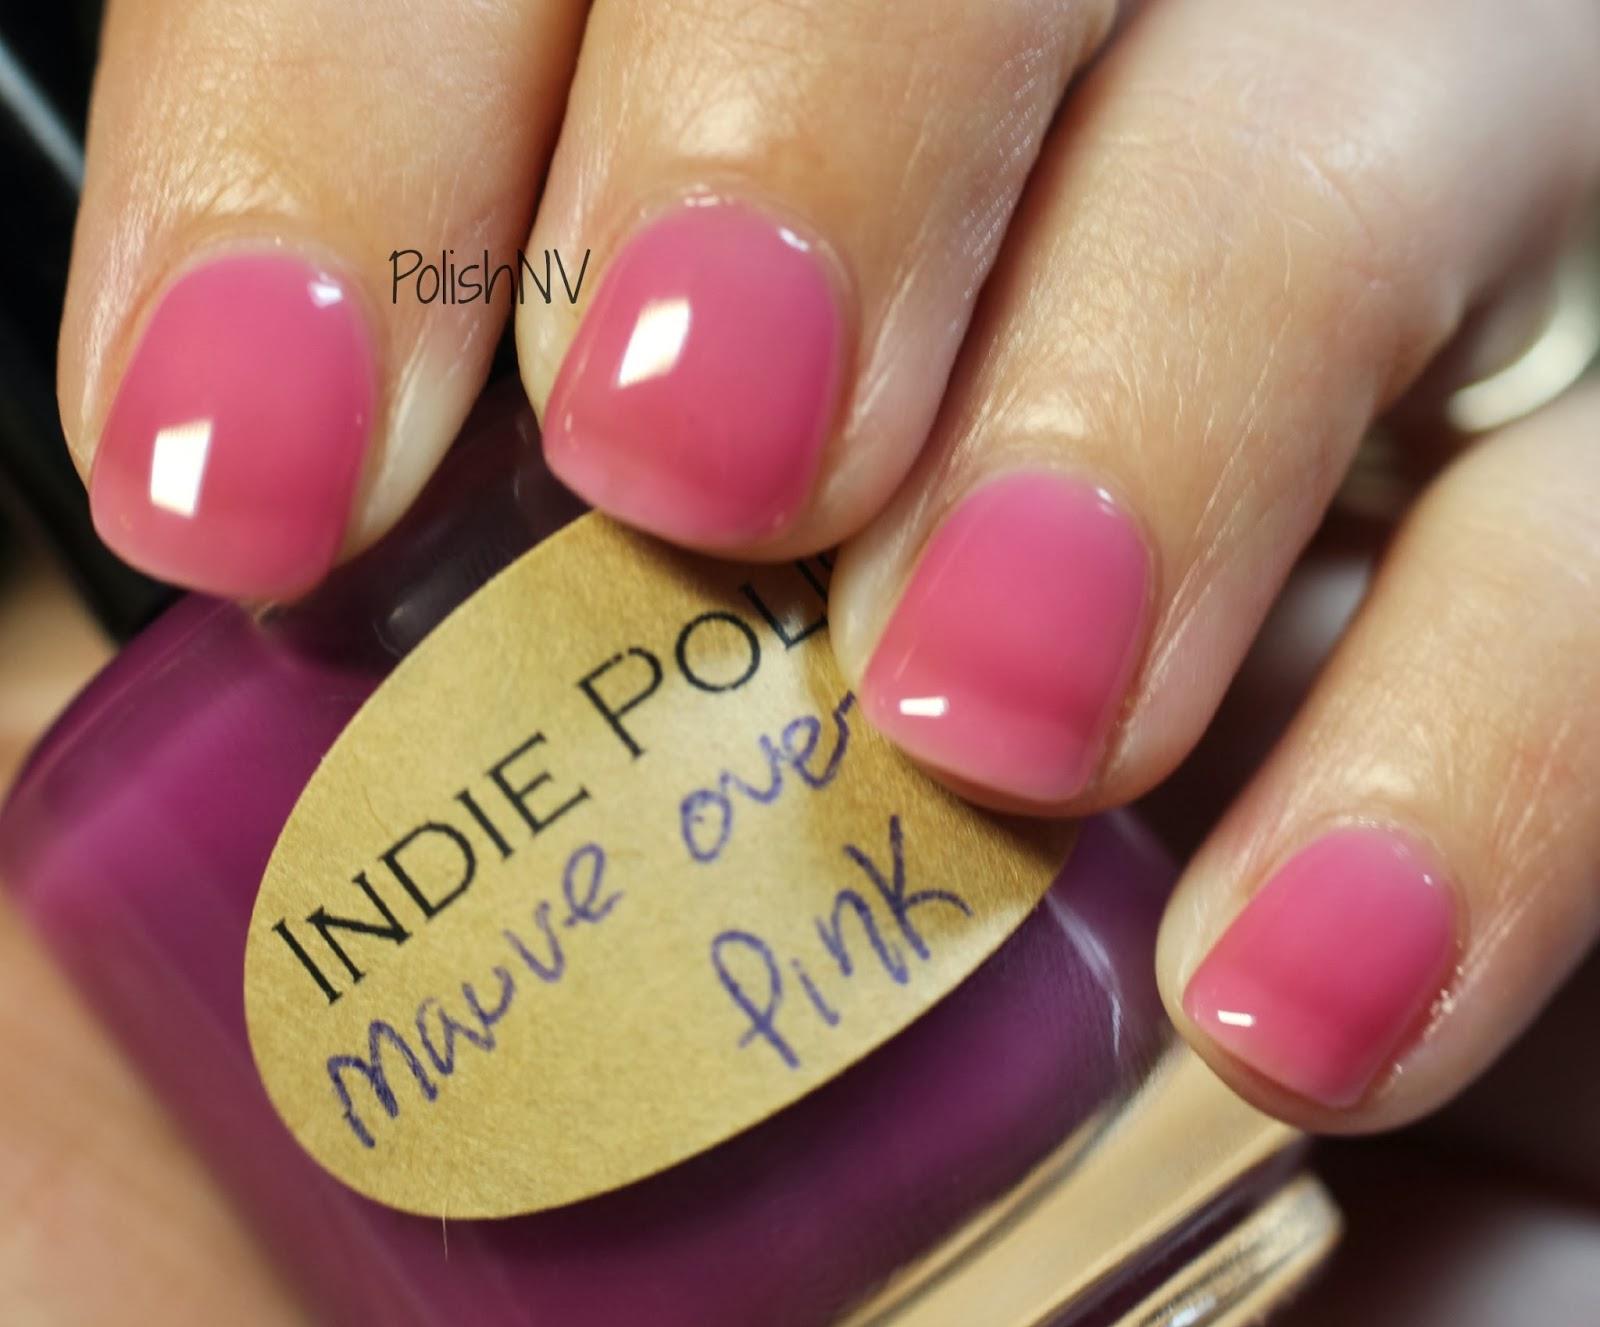 Indie Polish